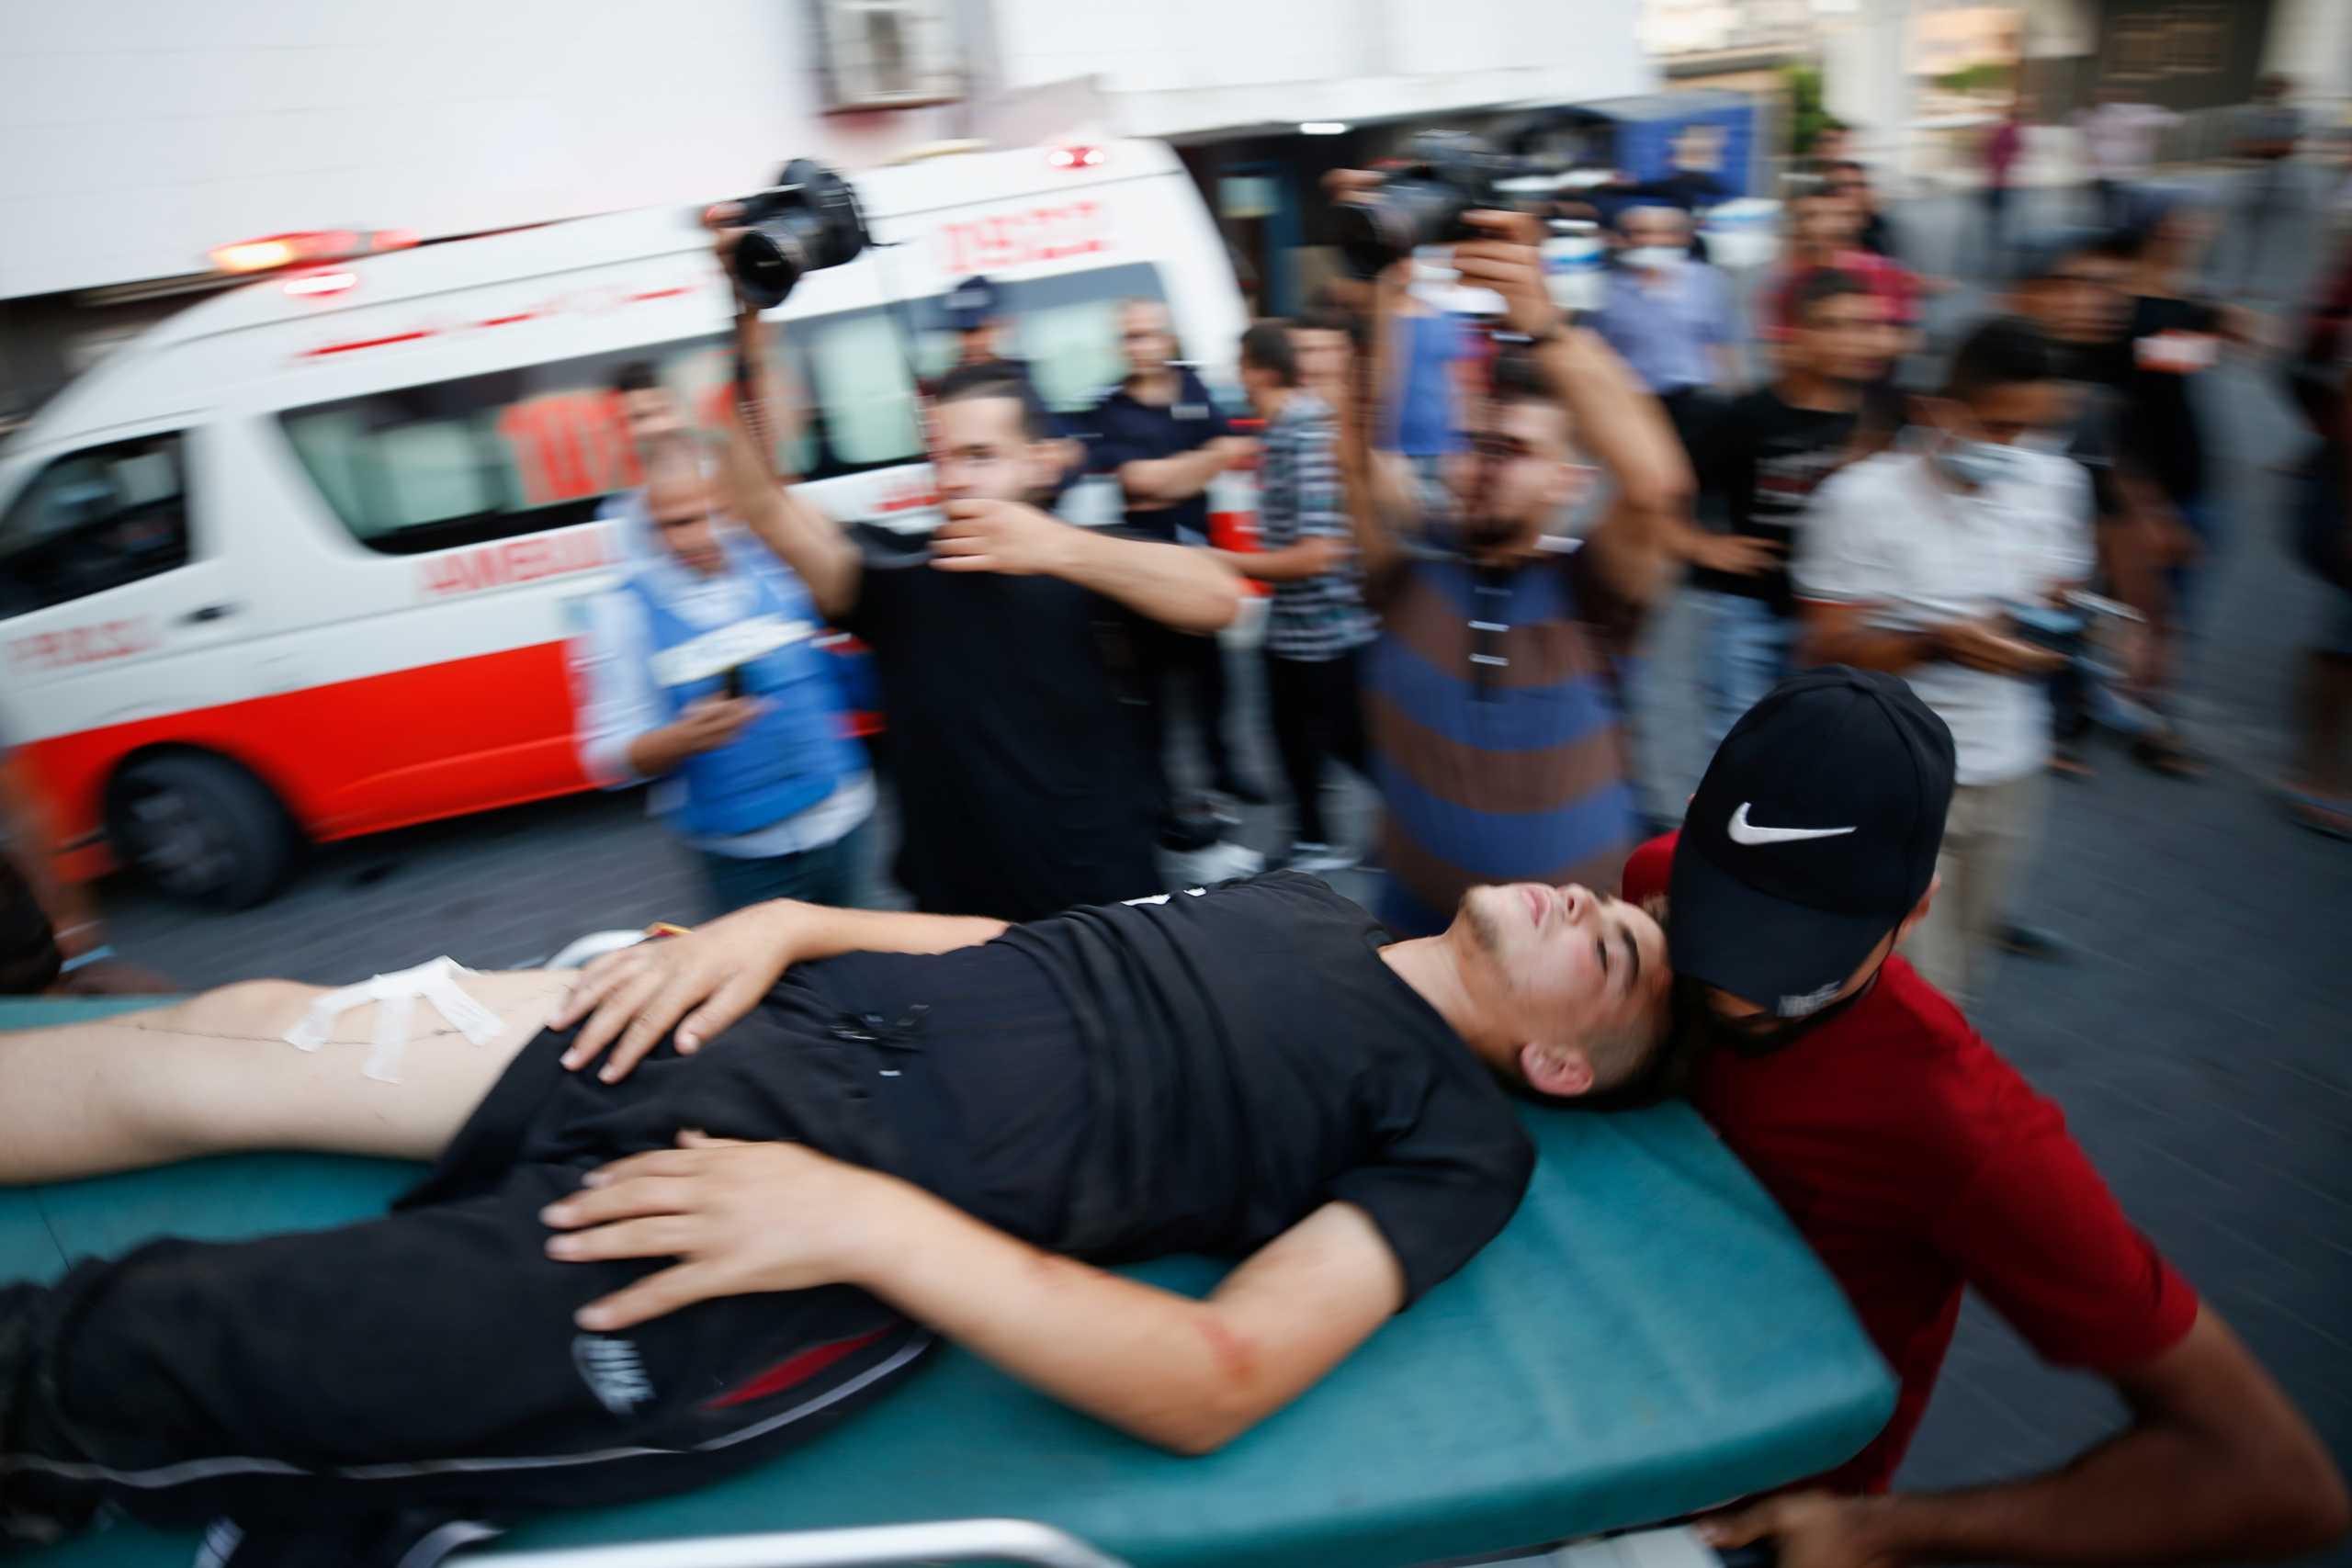 Αιματηρά επεισόδια στον φράκτη που χωρίζει Ισραήλ και Γάζα – 41 Παλαιστίνιοι τραυματίες